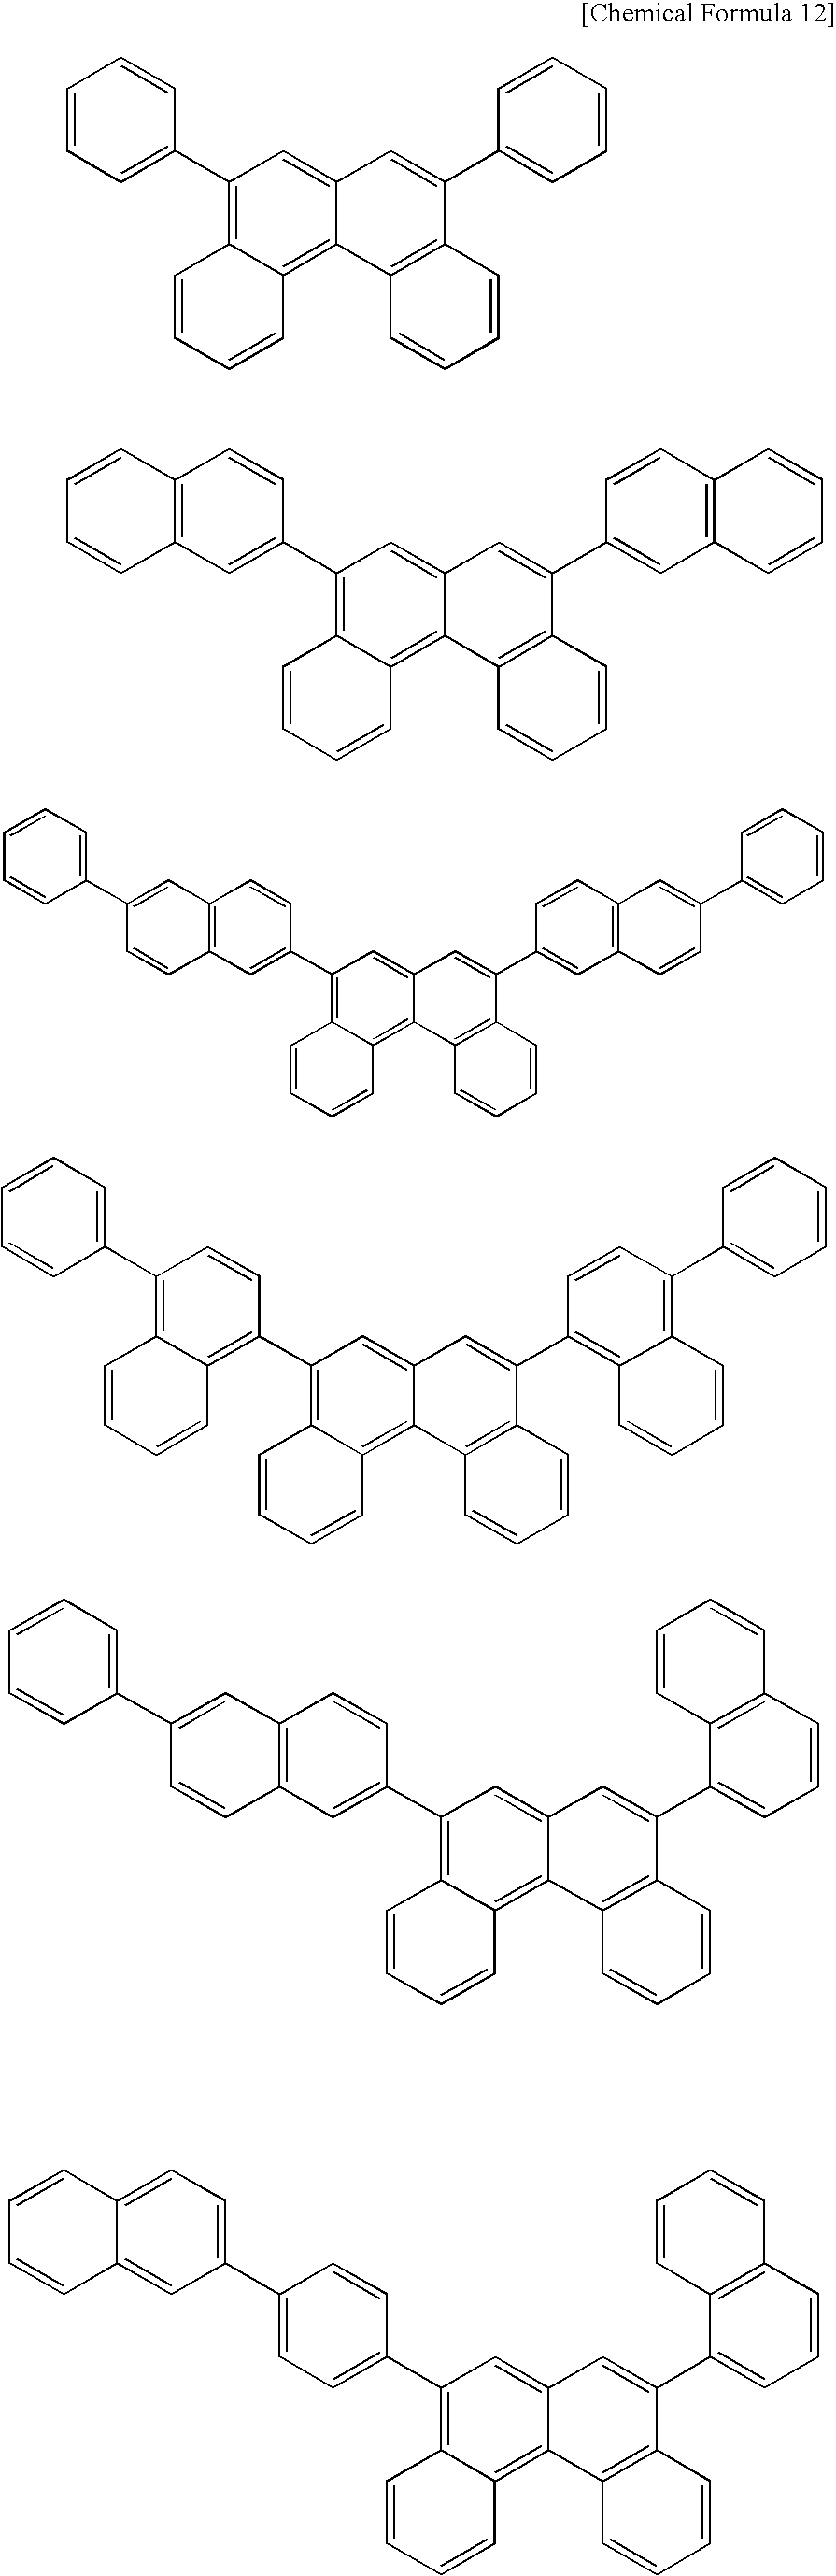 Figure US20100171109A1-20100708-C00021